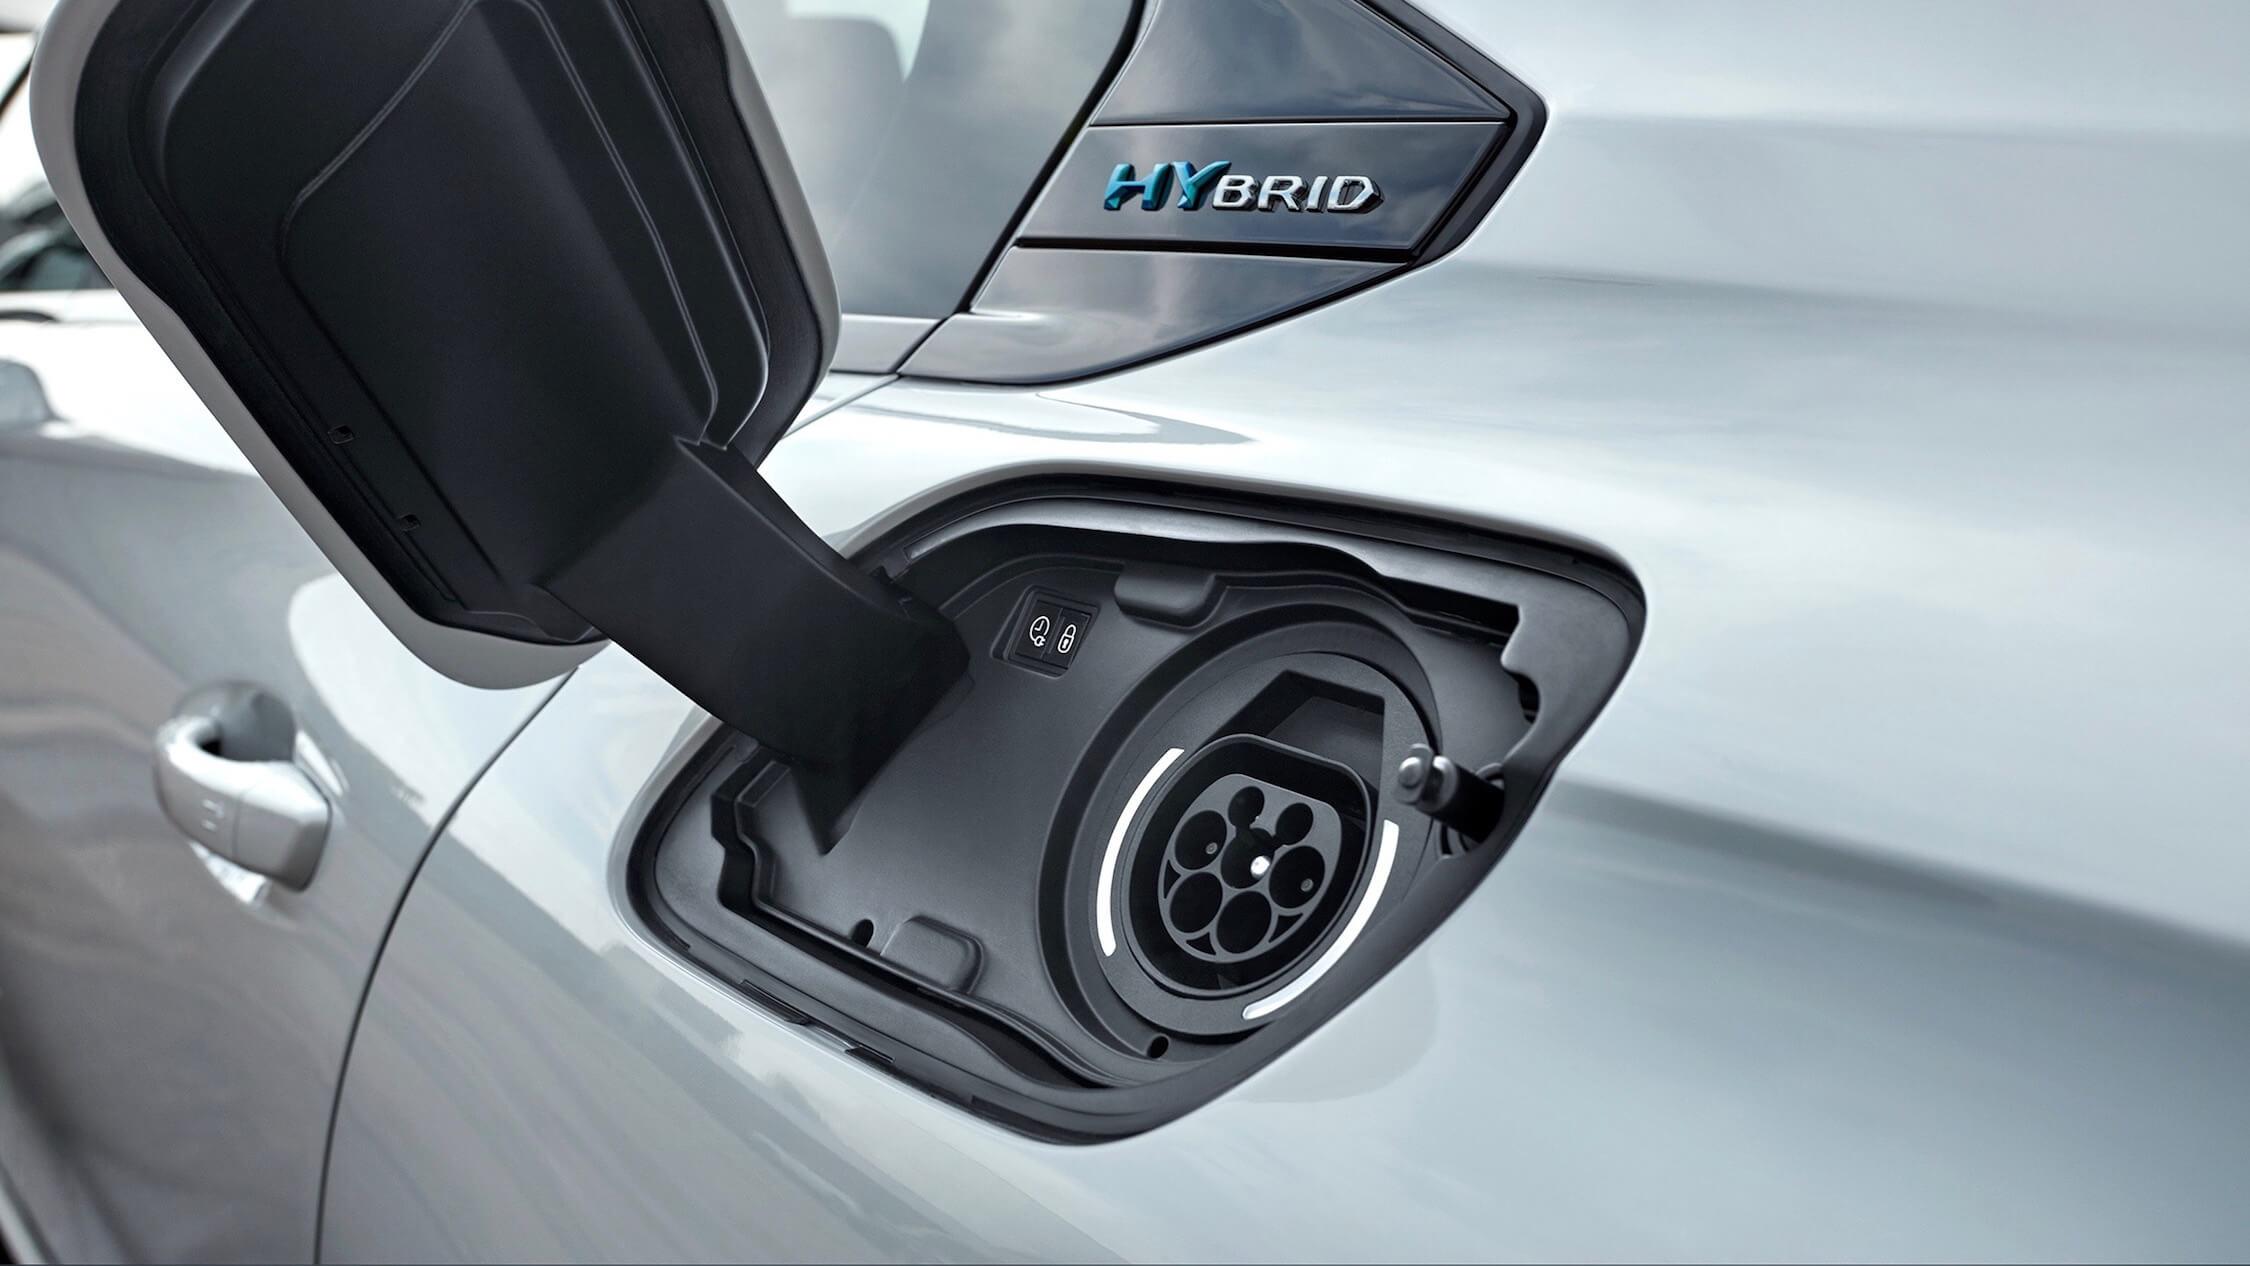 Peugeot 508 hybride laadplug